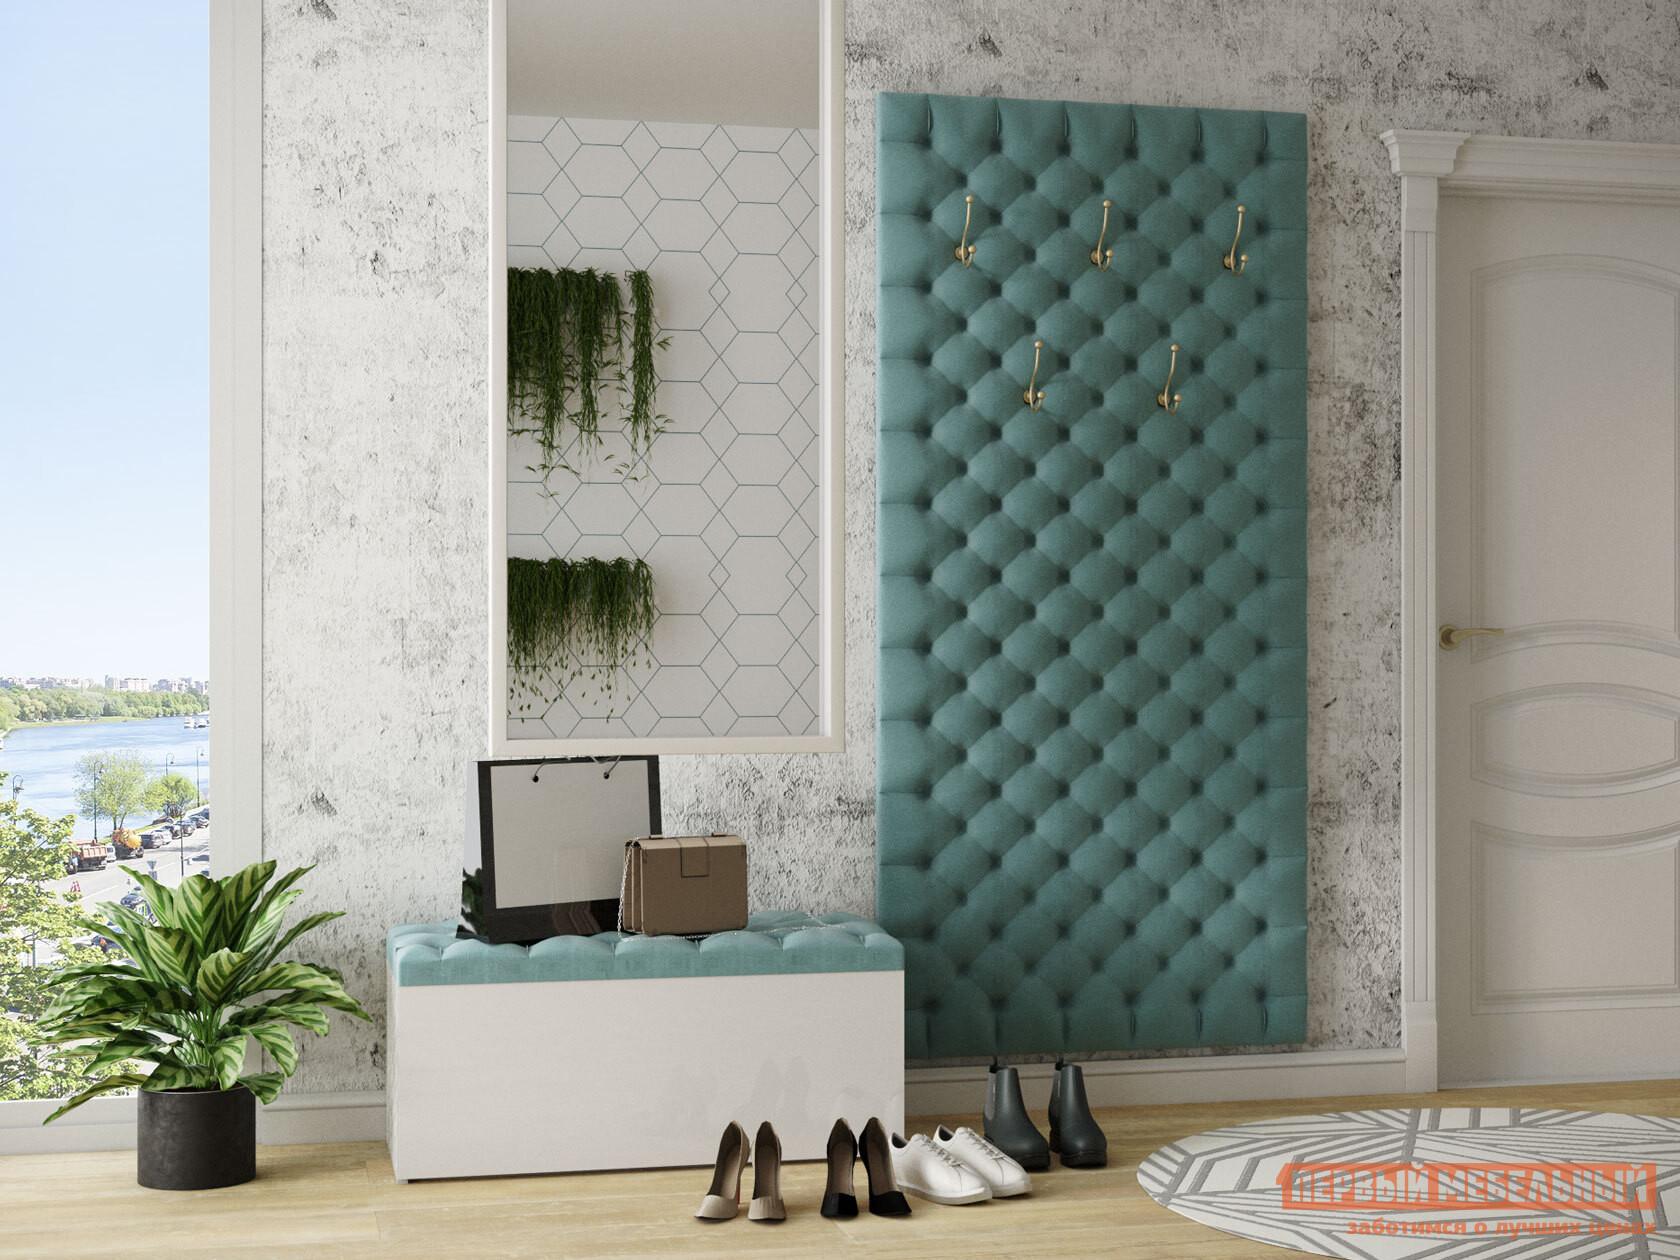 Комплект мебели для прихожей Мелания Комплект мебели для прихожей Графтон 2